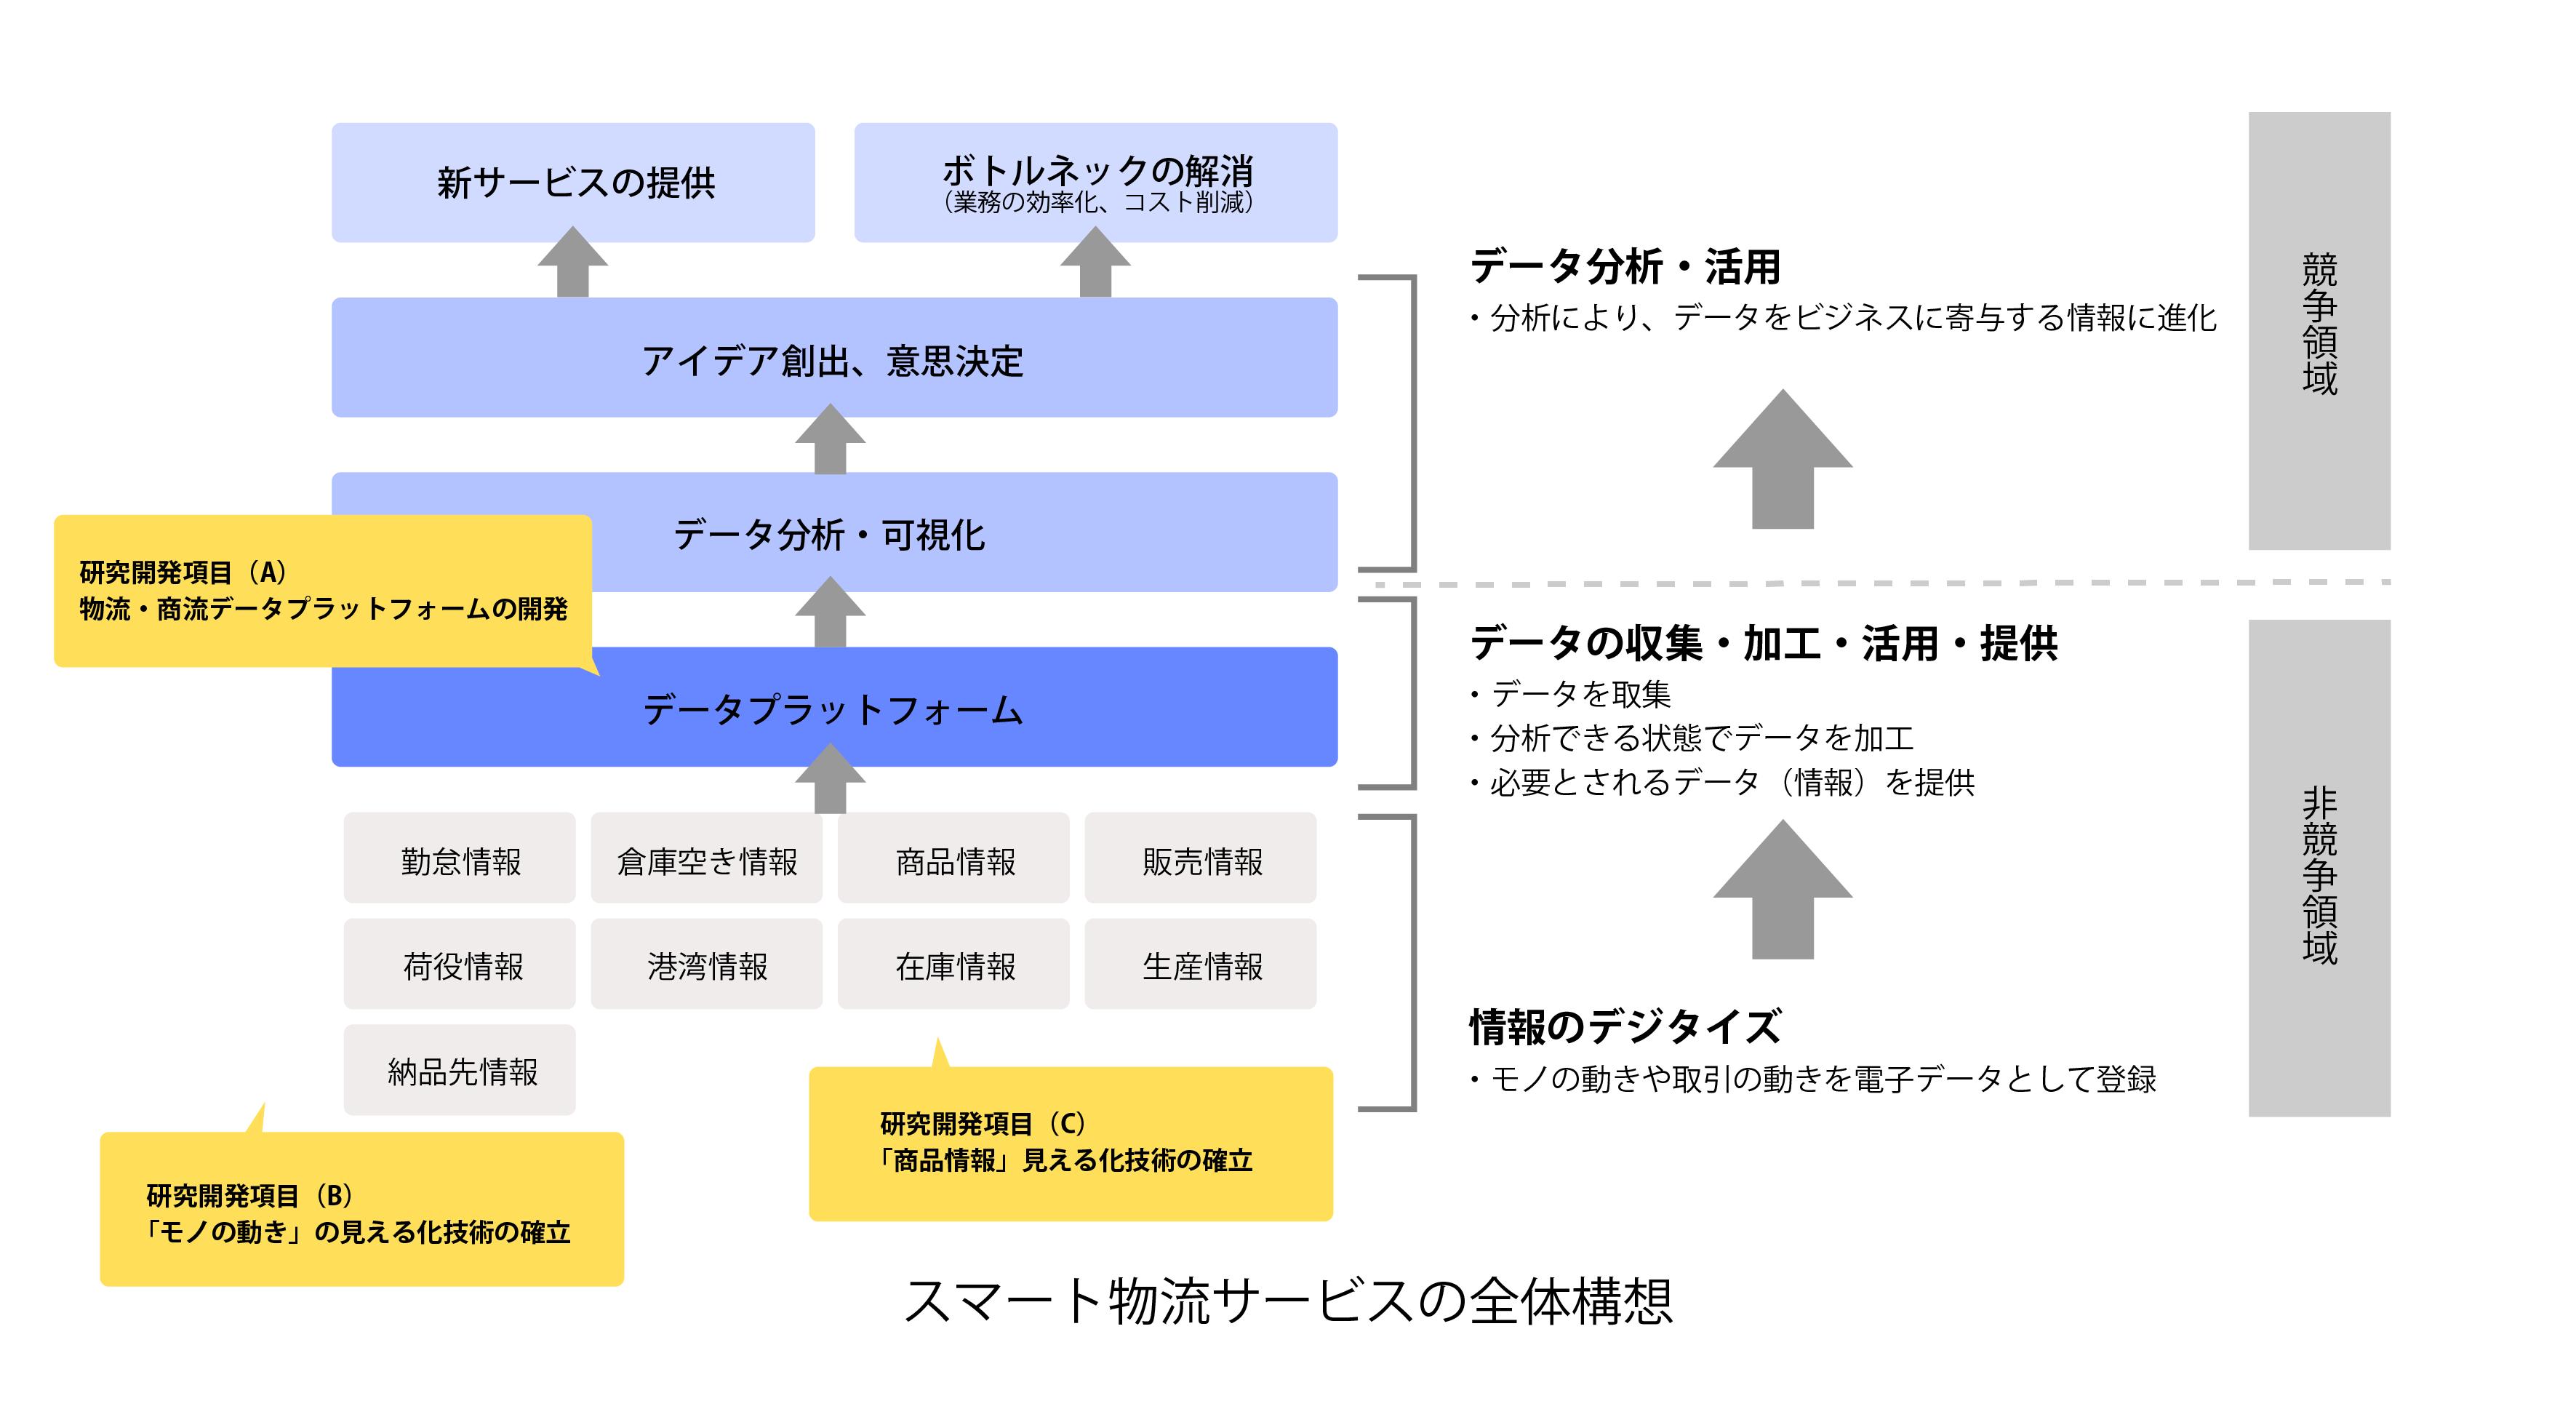 2-1スマート物流サービスの全体の構造